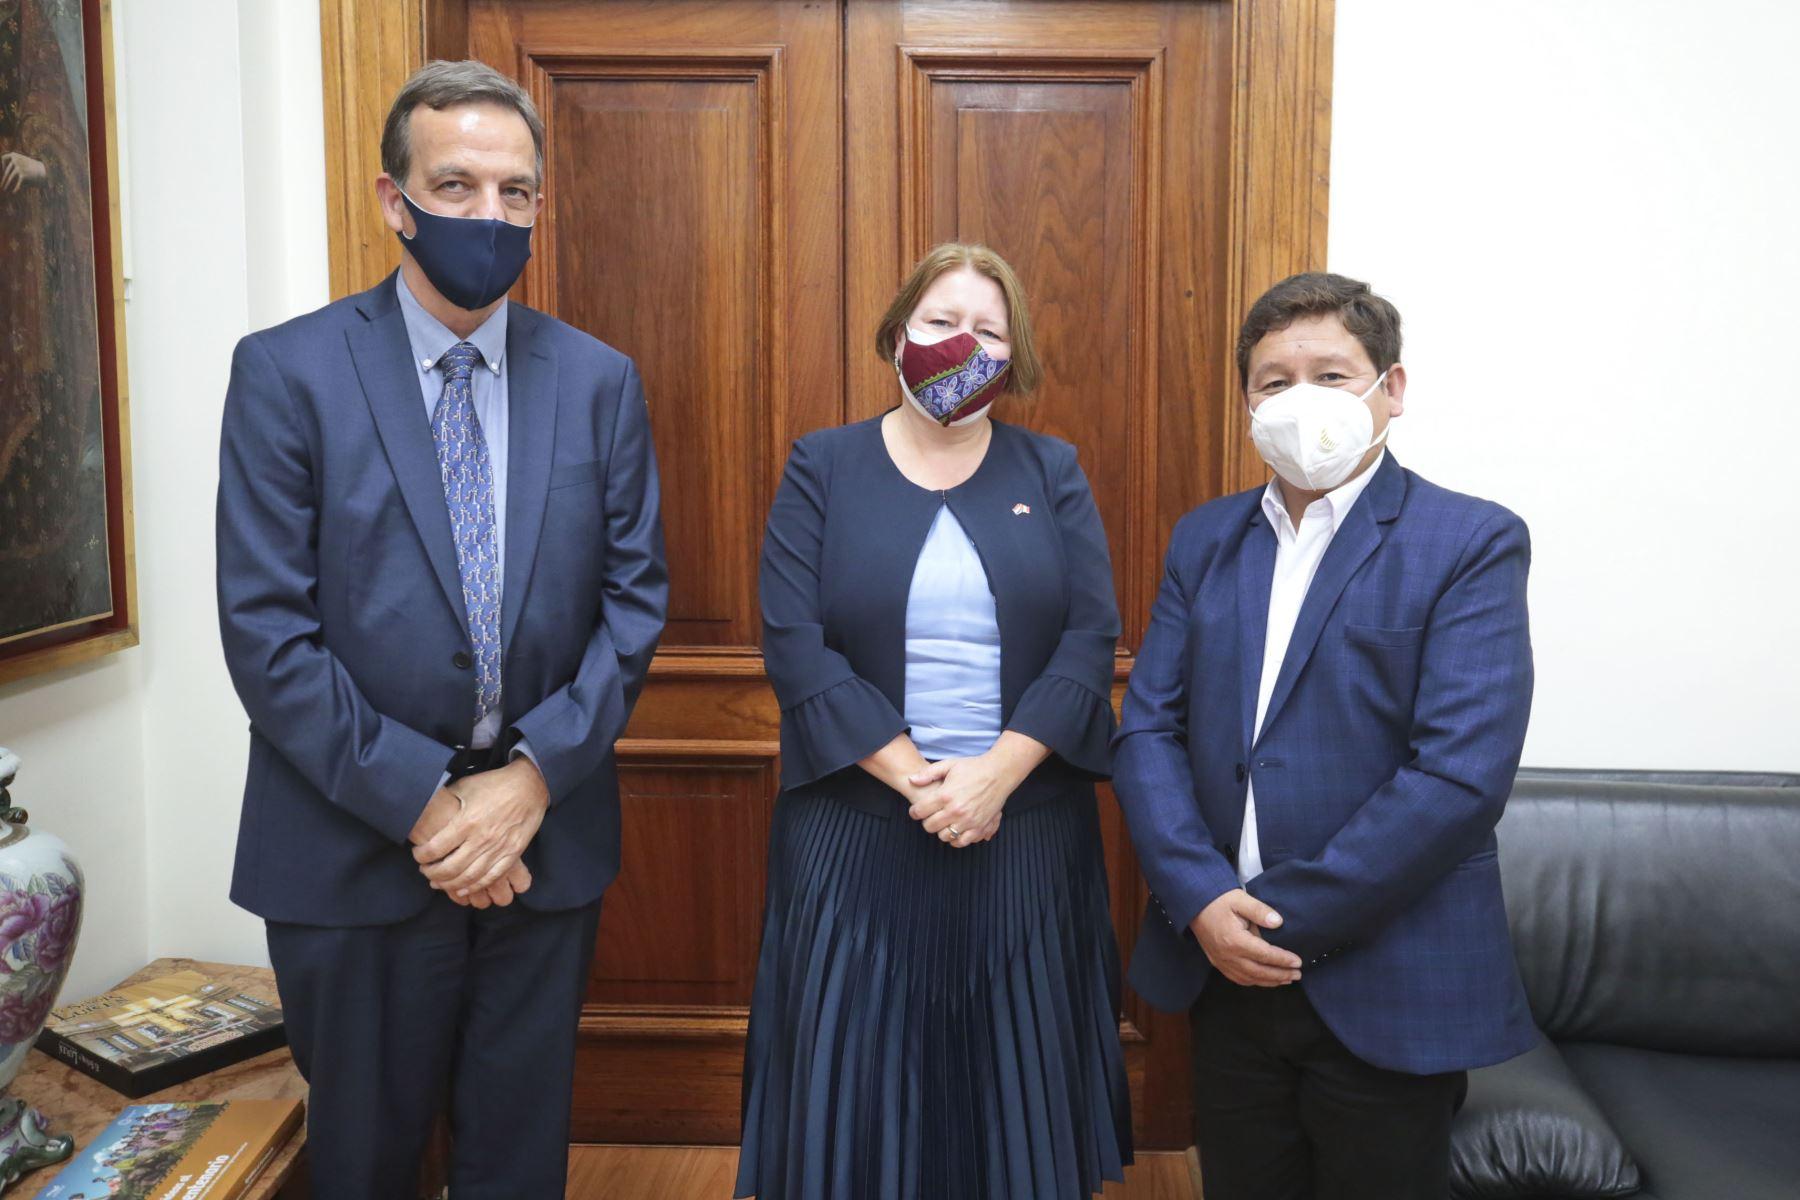 Presidente del Consejo de Ministros, Guido Bellido, se reúne con la embajadora del Reino de los Países Bajos, Nathalie Lintvelt y Jan-Willem Le Grand. Foto: PCM